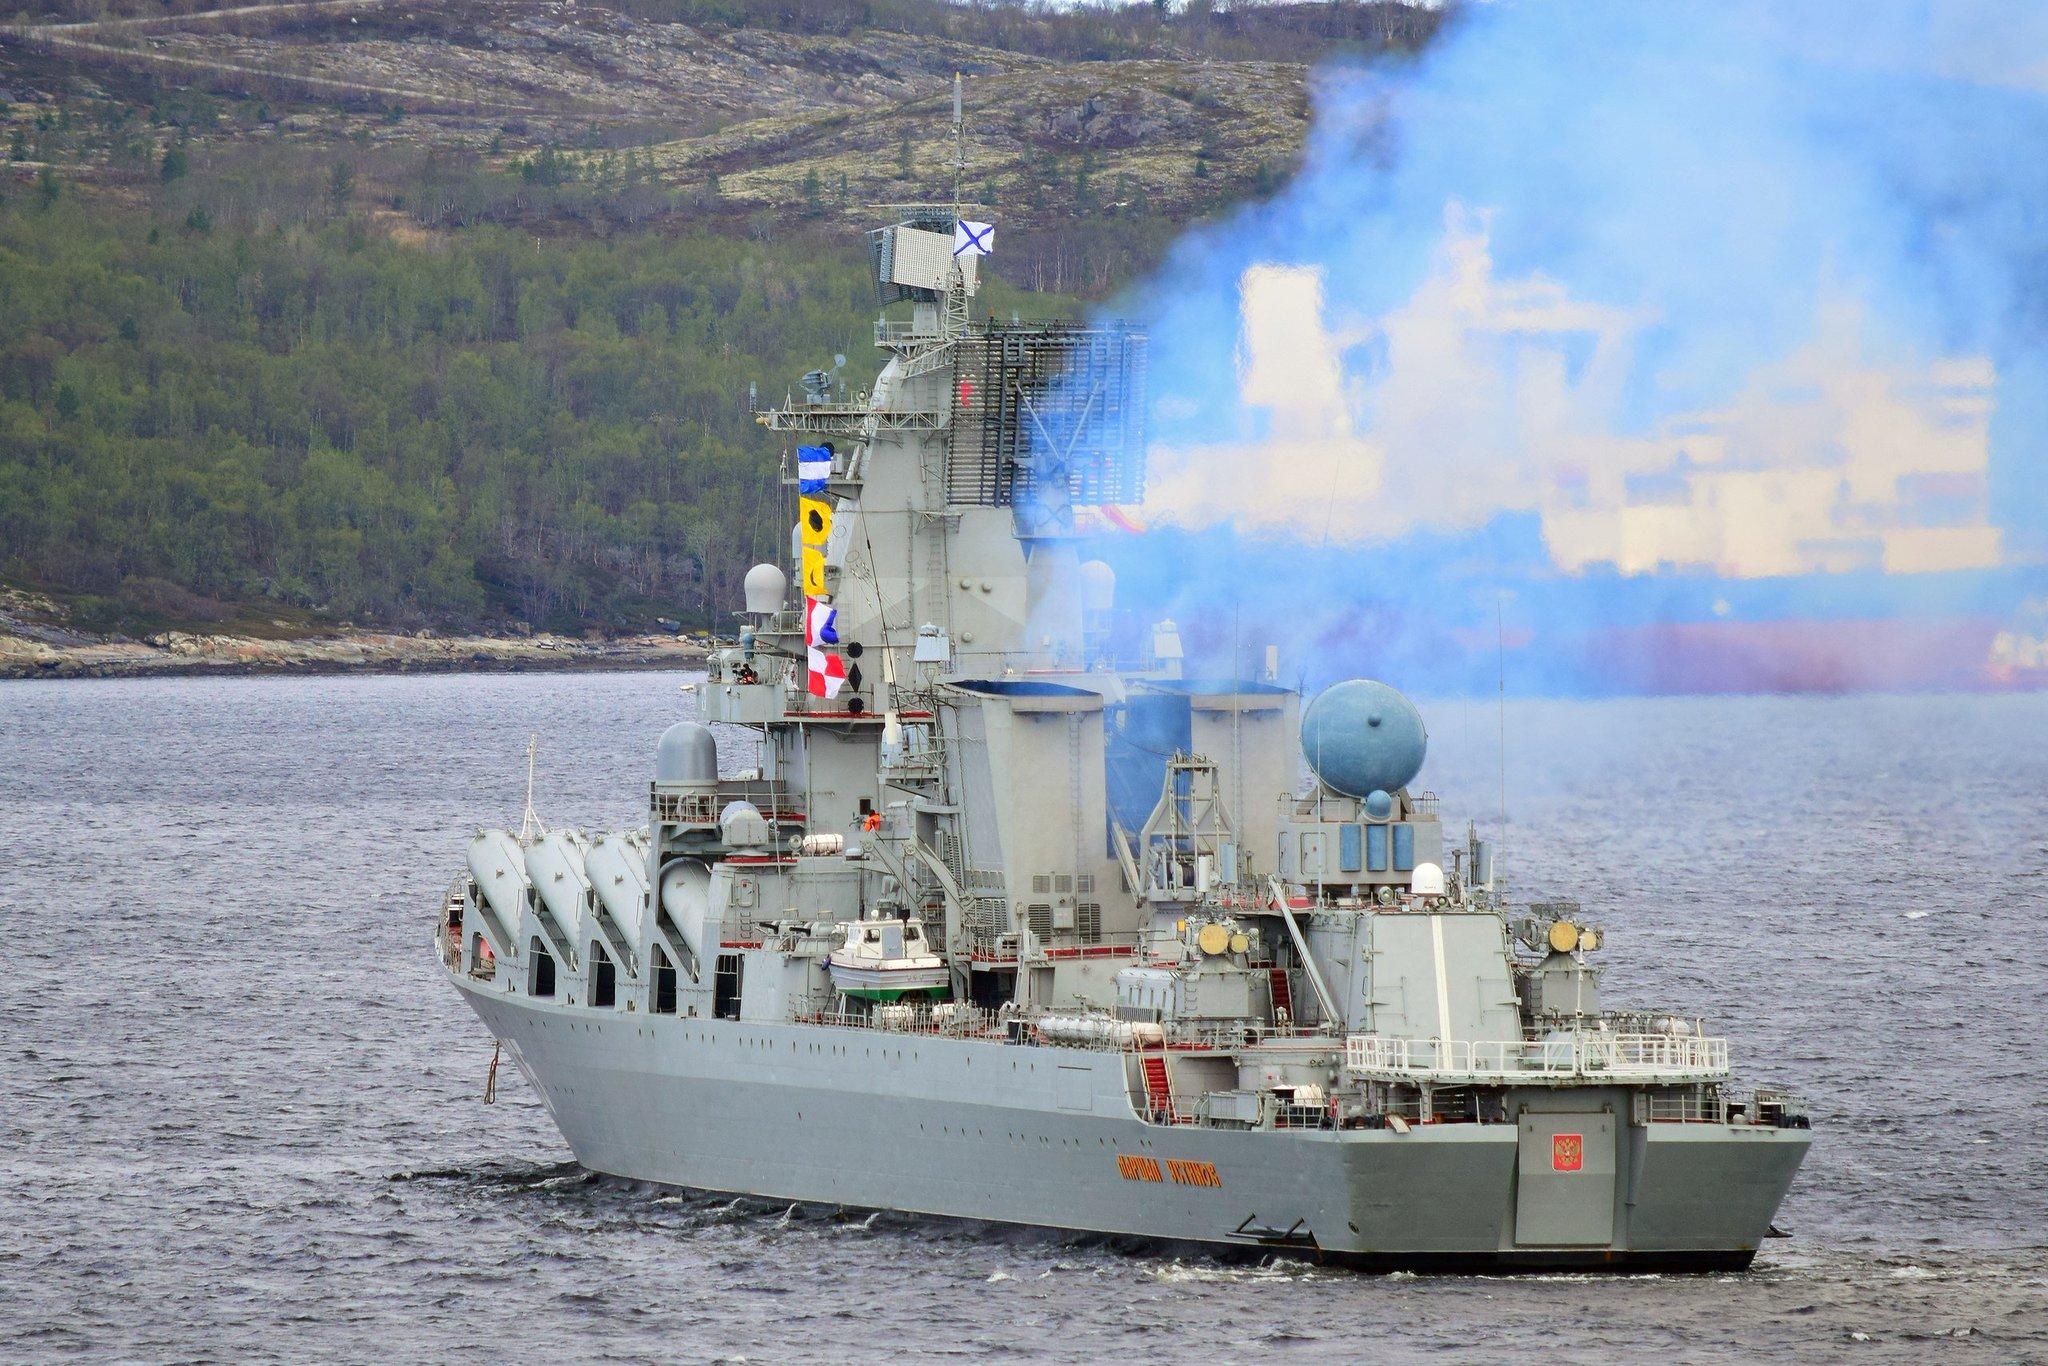 процедуры ракетный крейсер маршал устинов фото как только